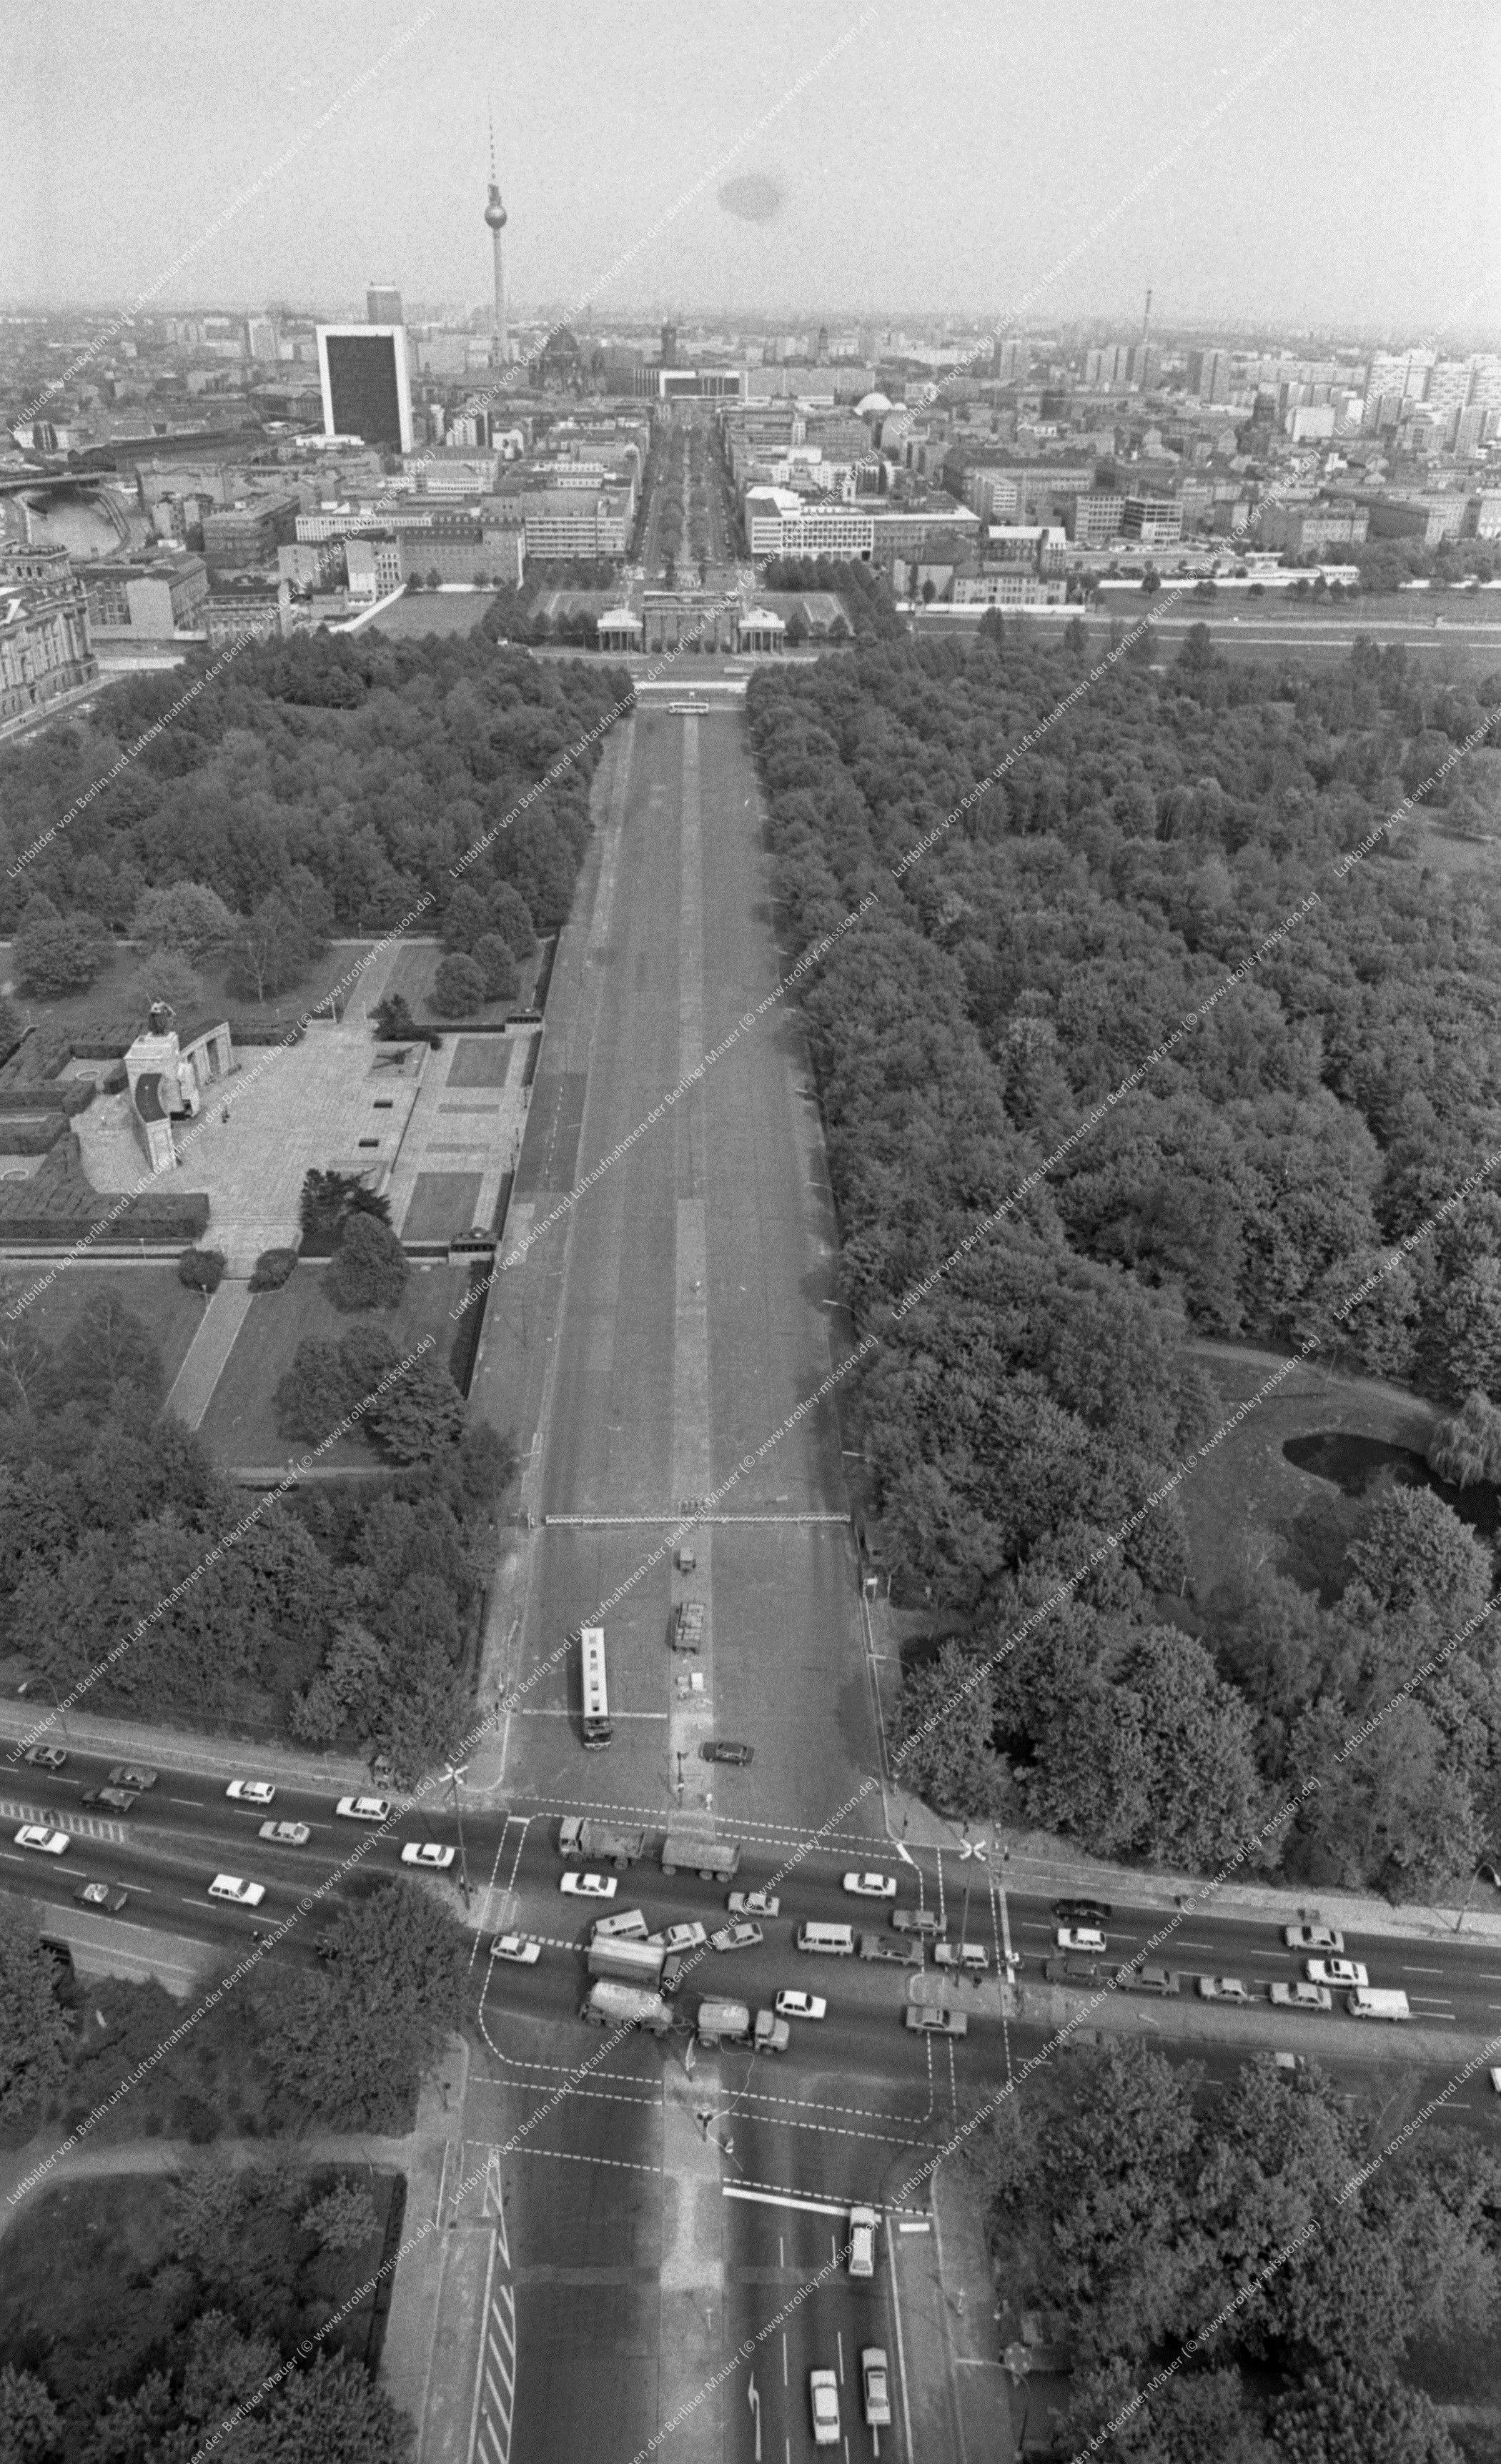 Berlin Luftbild Straße des 17. Juni mit Sowjetischem Ehrenmal im Tiergarten sowie Brandenburger Tor vom 12. Mai 1982 (Bild 087)